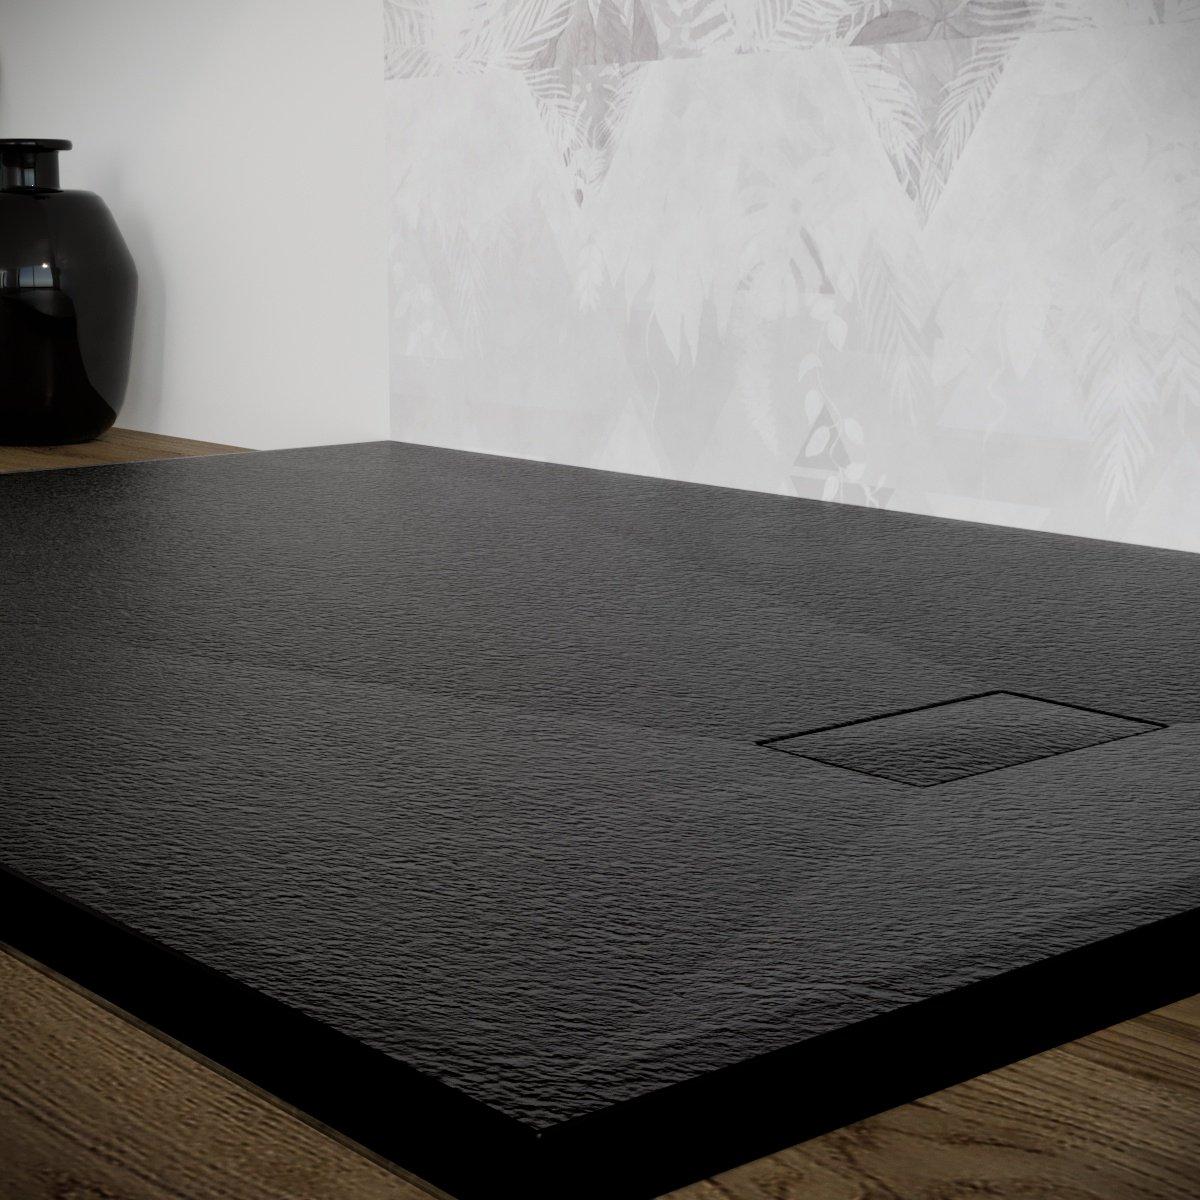 piatto-doccia-effetto-pietra-euclide-nero-2019-3a